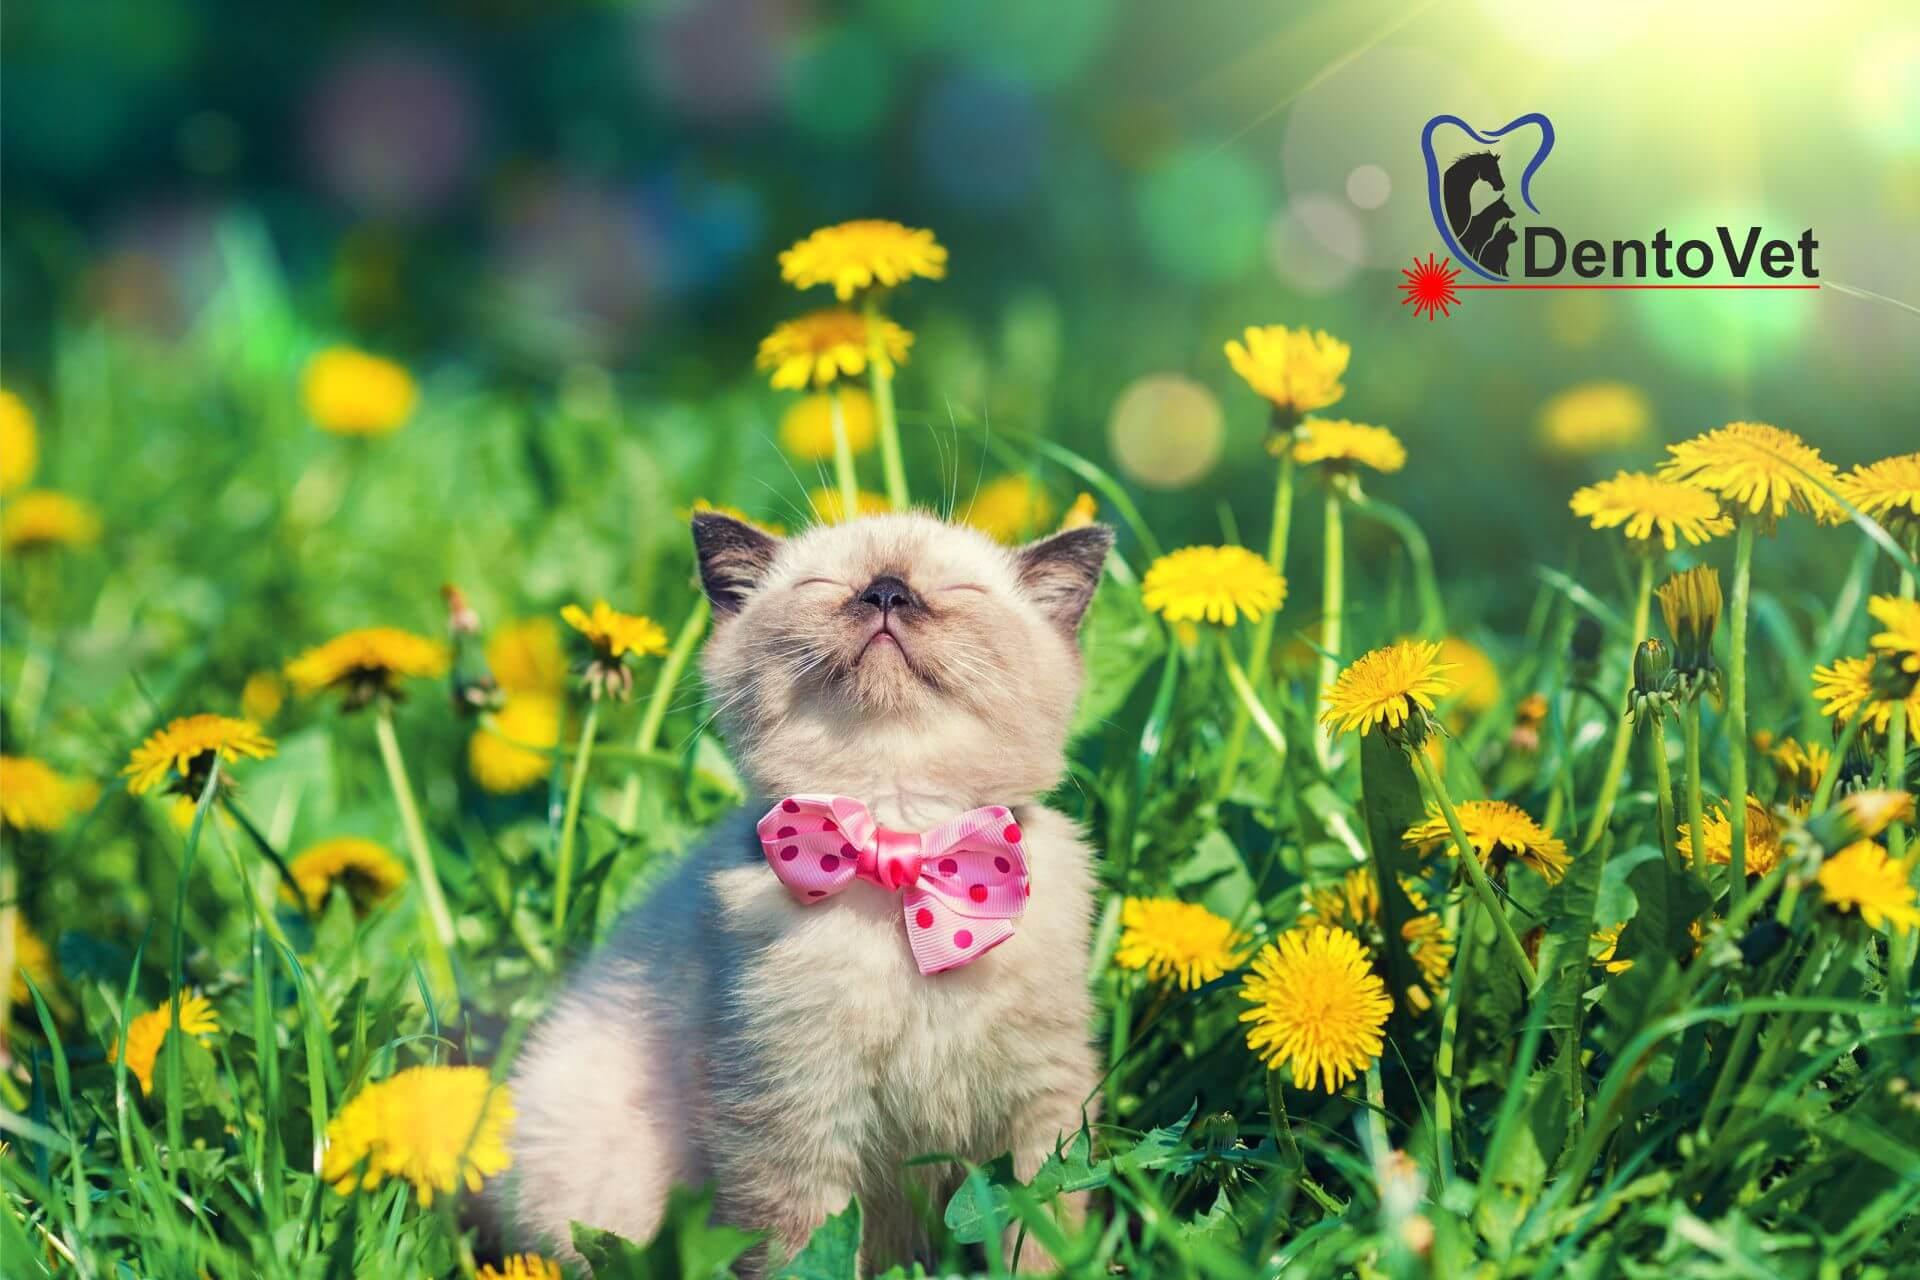 Extracția dentară în stomatologia veterinară la pisici